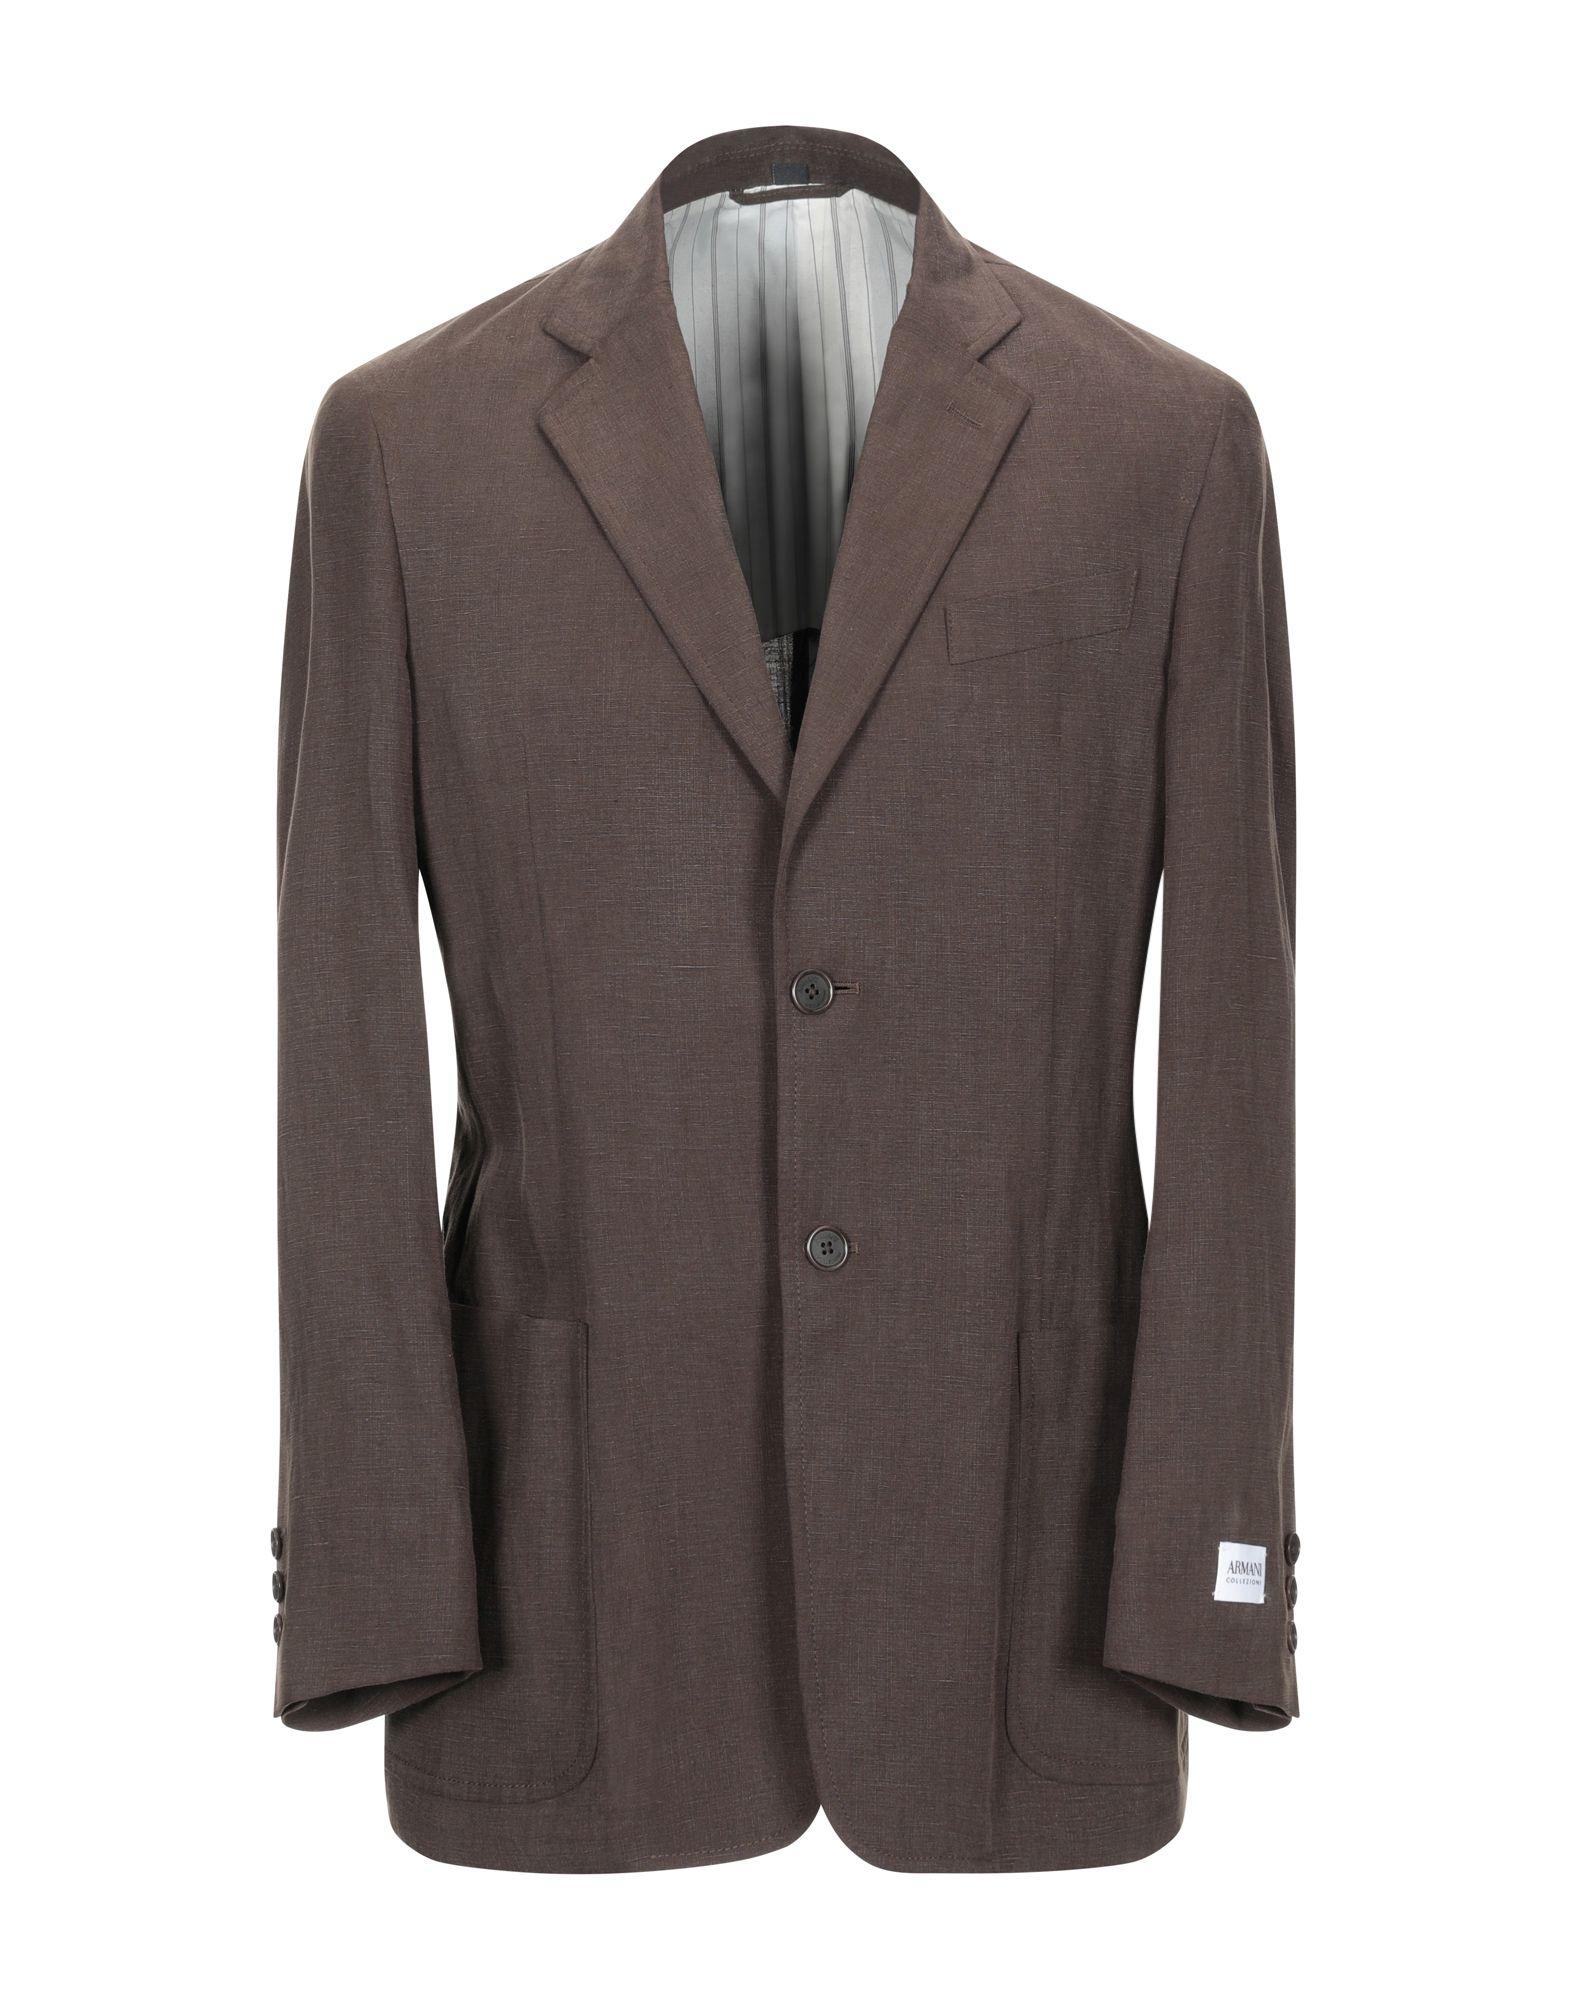 《セール開催中》ARMANI COLLEZIONI メンズ テーラードジャケット ダークブラウン 50 指定外繊維(テンセル)? 51% / 麻 49%